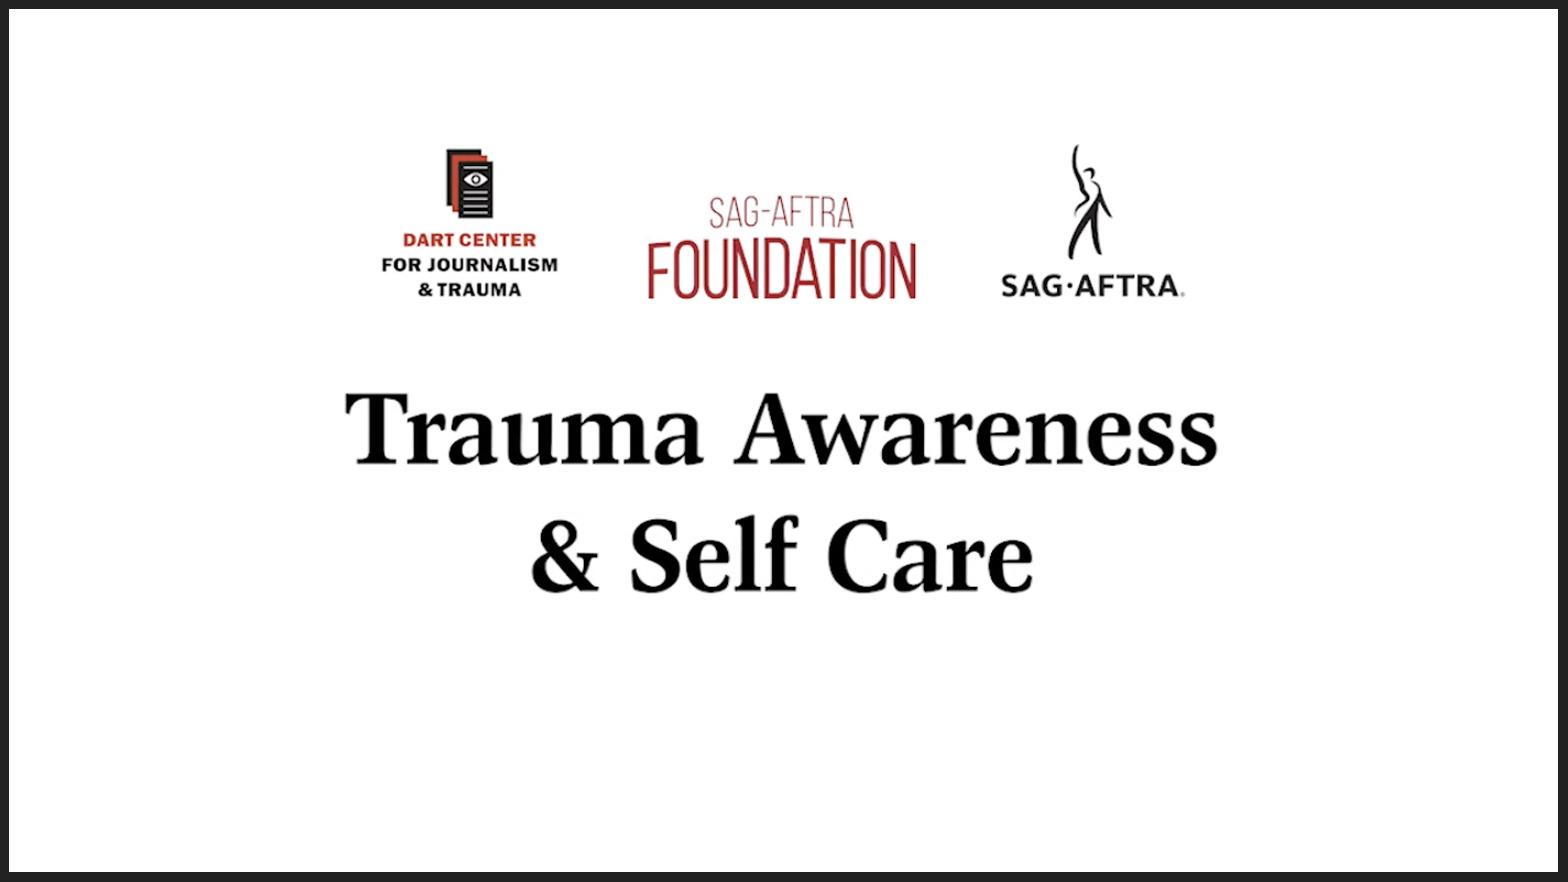 'Trauma Awareness & Self-Care' en negro con el logotipo de Dart Center, el logotipo de la Fundación SAG-AFTRA y el logotipo de SAG-AFTRA en la parte superior